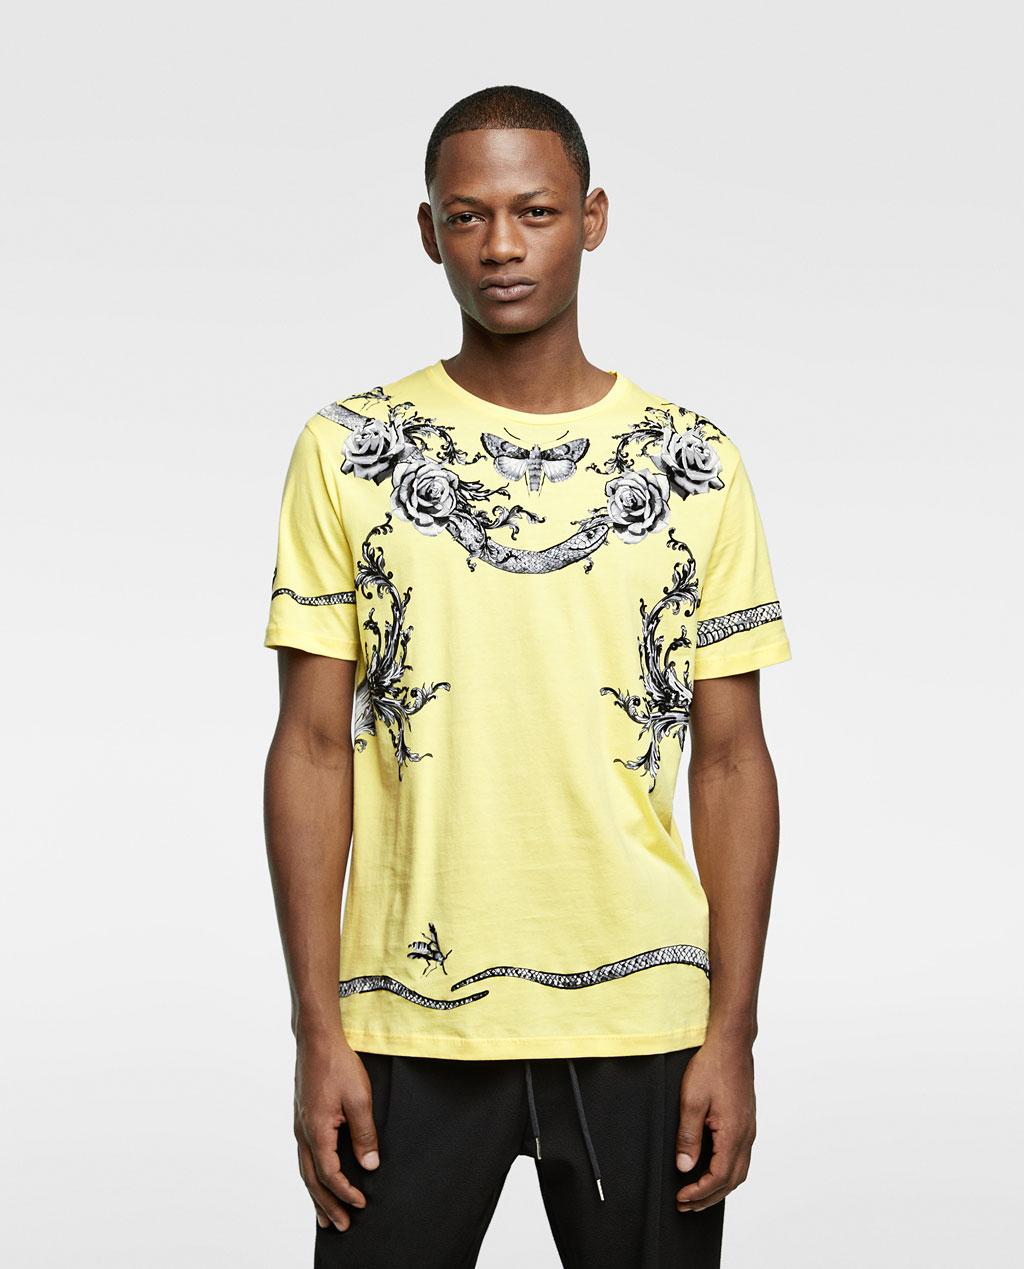 Thời trang nam Zara  23901 - ảnh 4